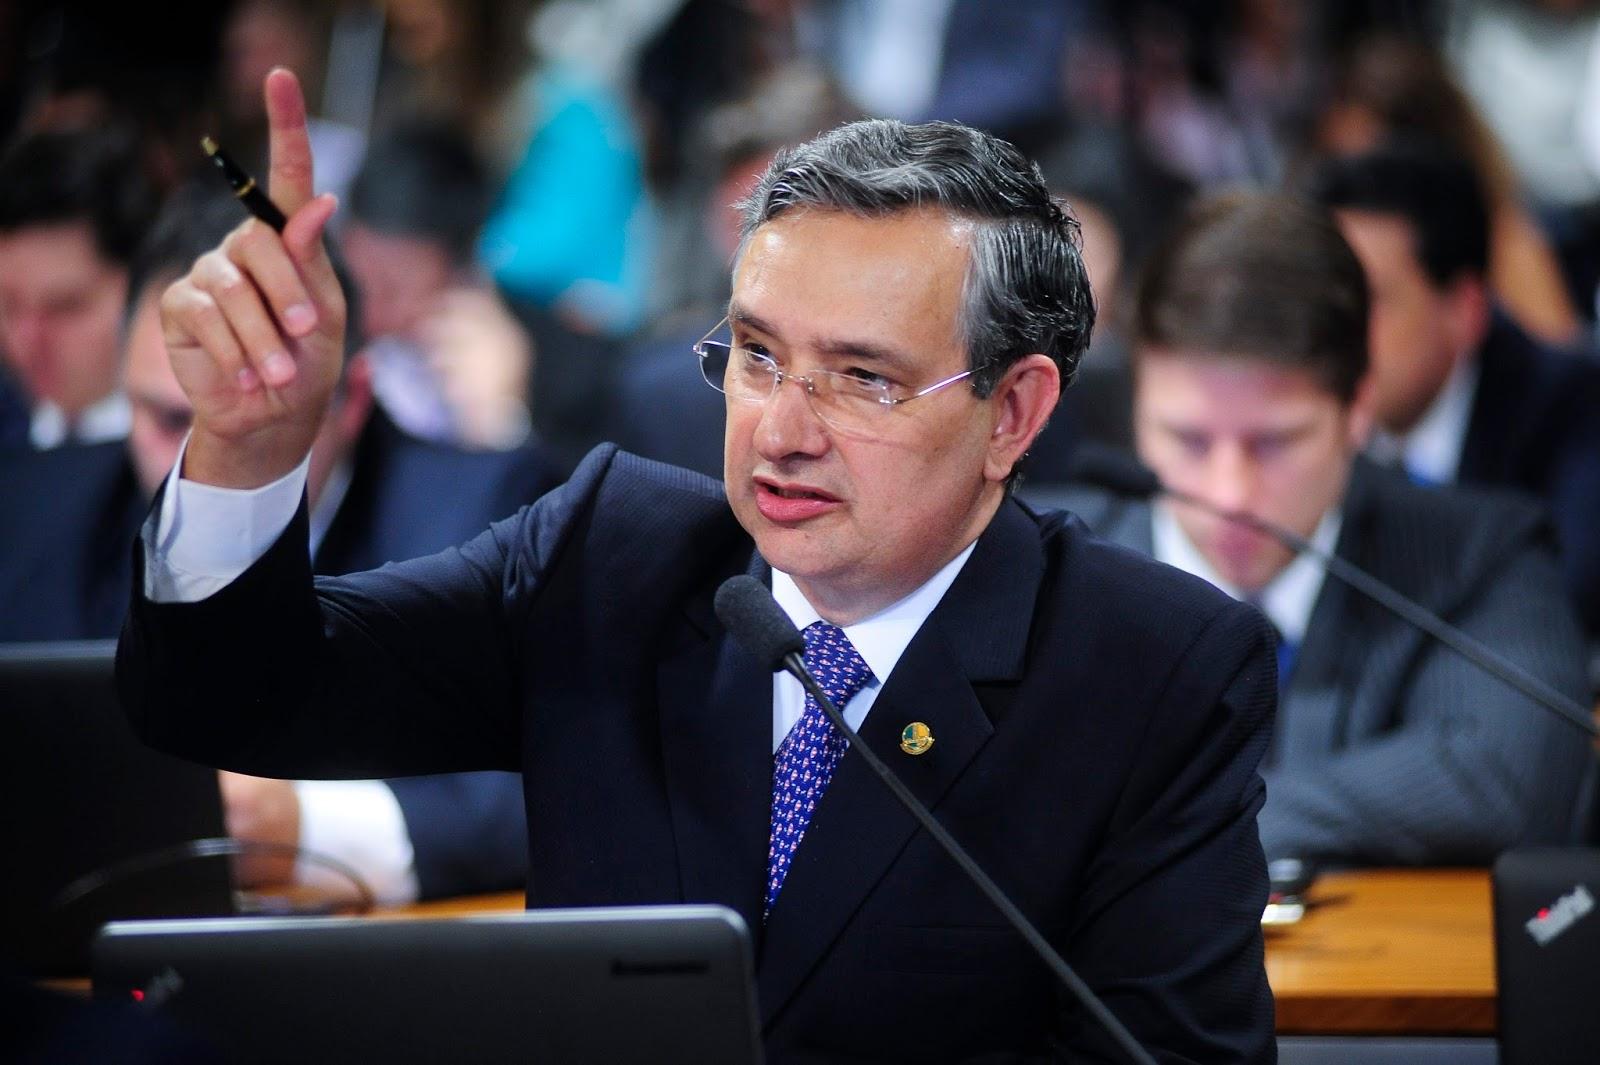 Confirmado: Senador Eduardo Amorim é membro da Comissão do impeachment